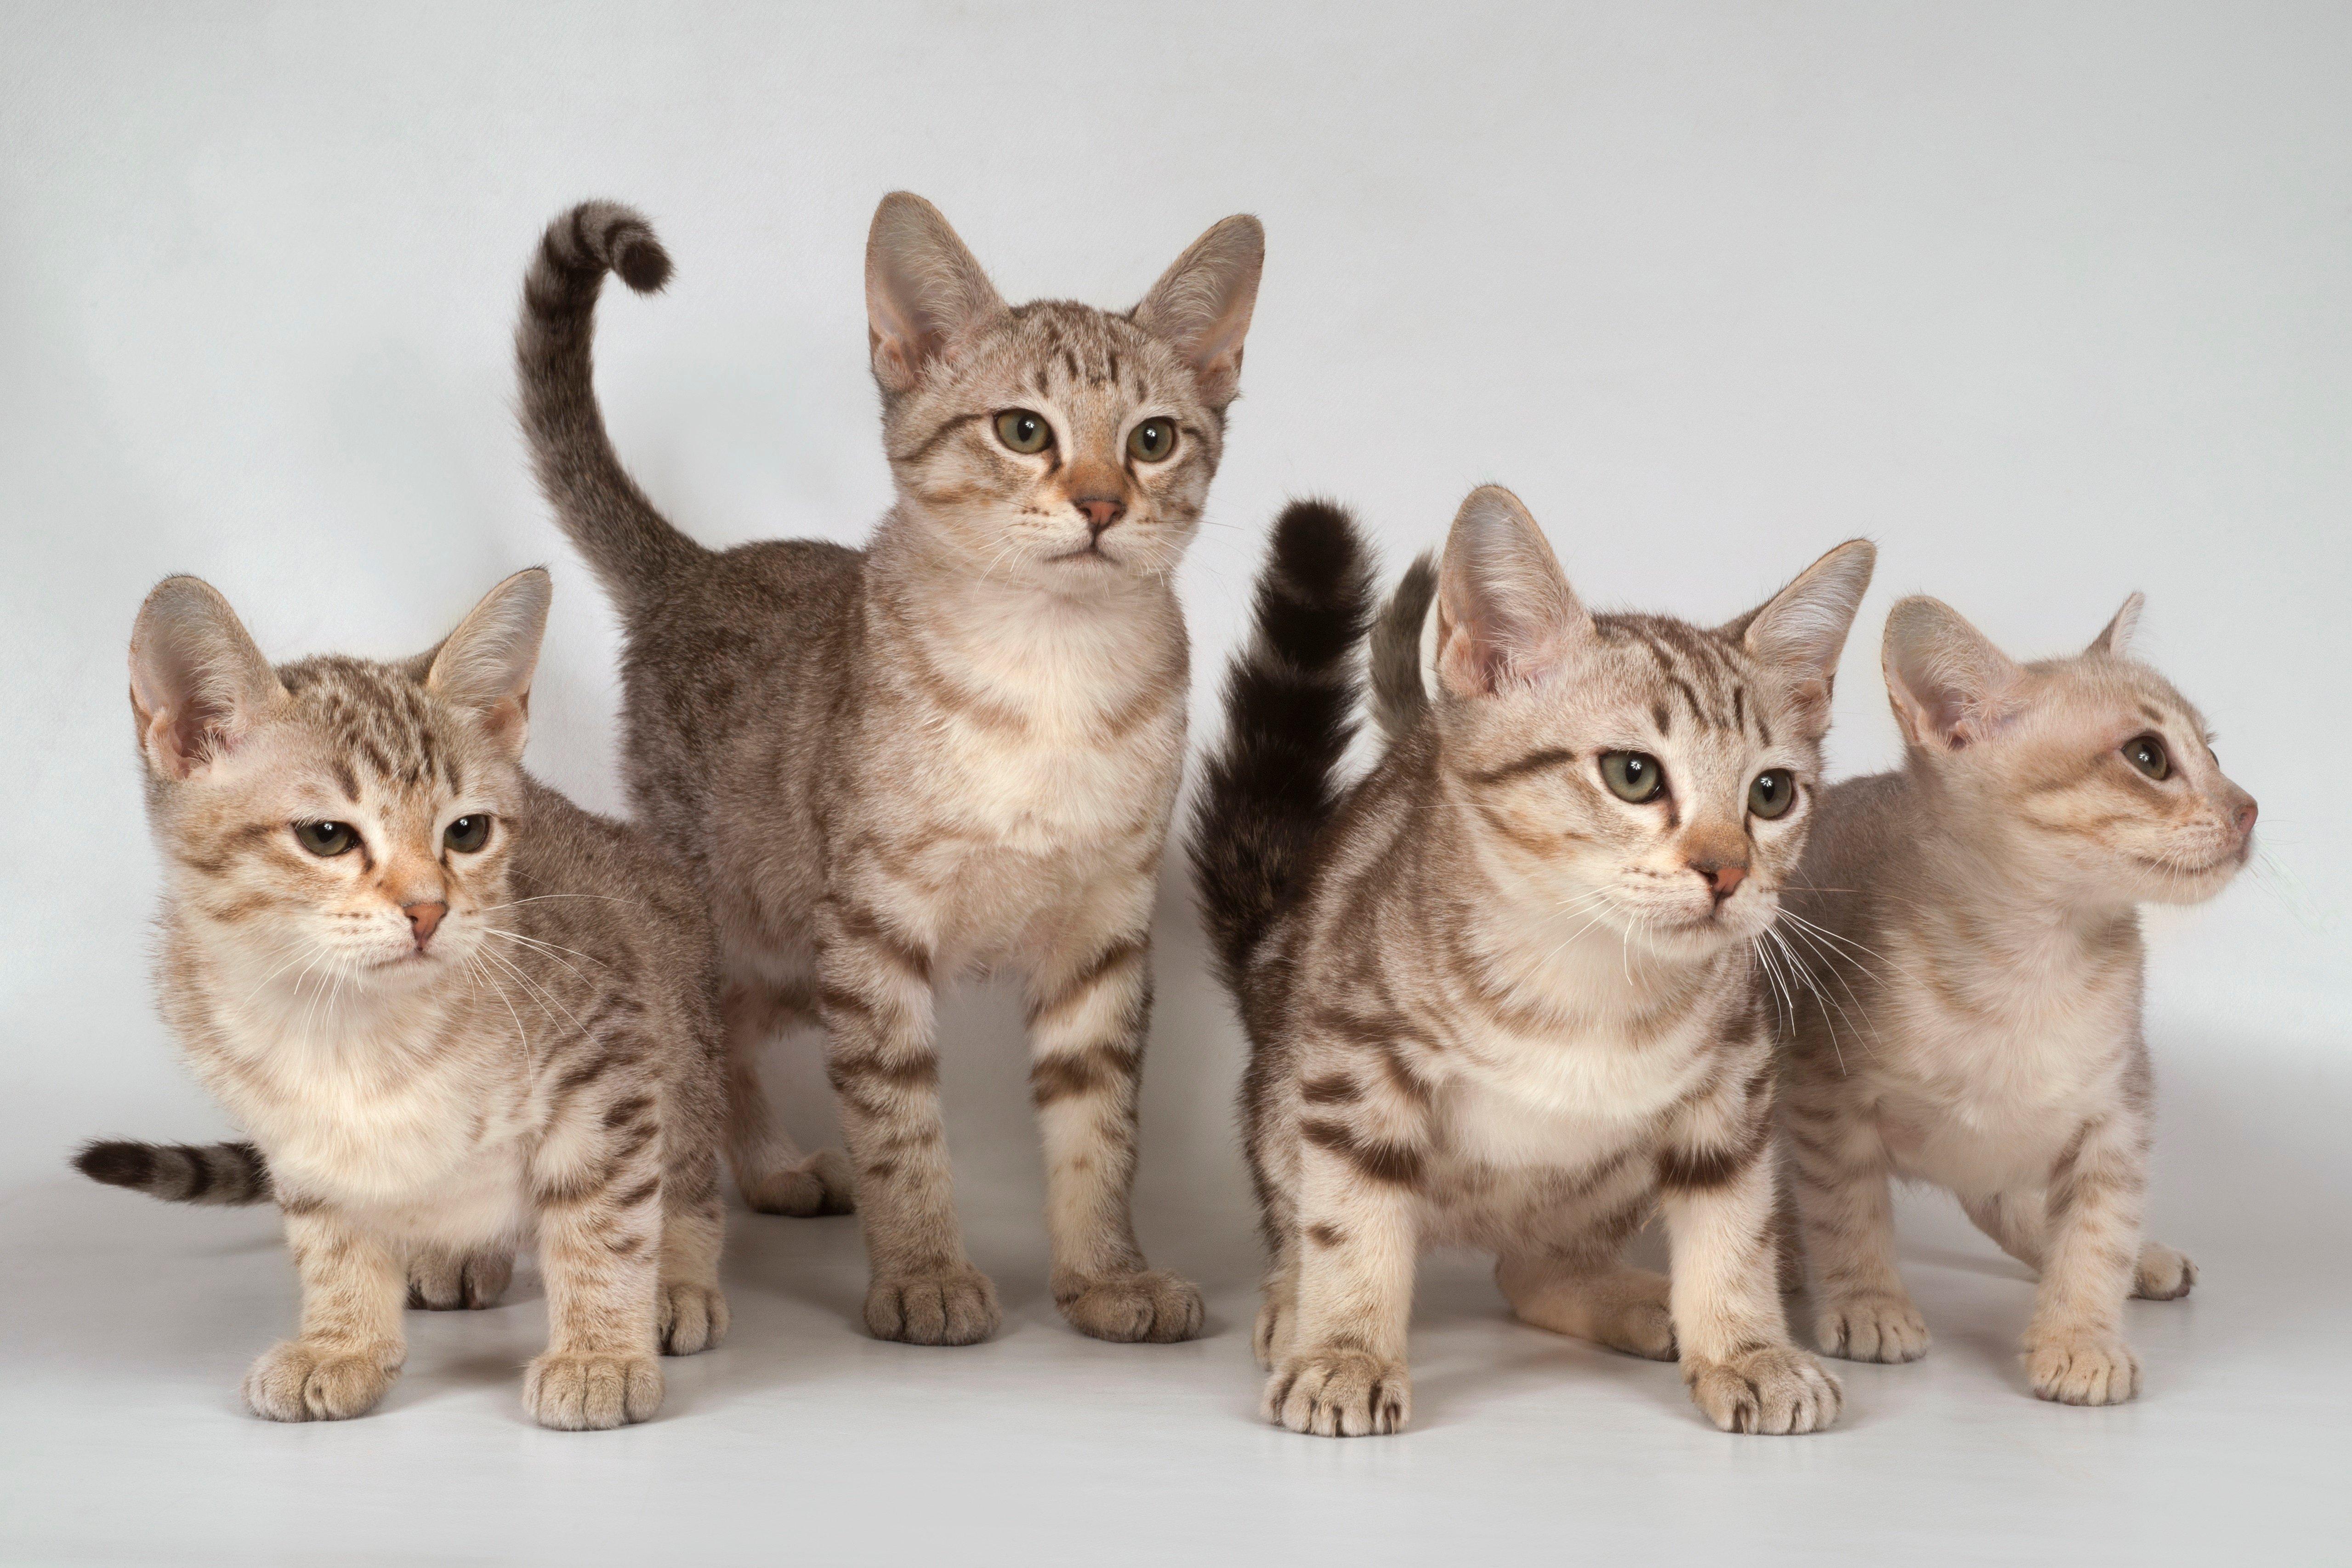 Fotos de razas de gatos mixtos de Australian Mist